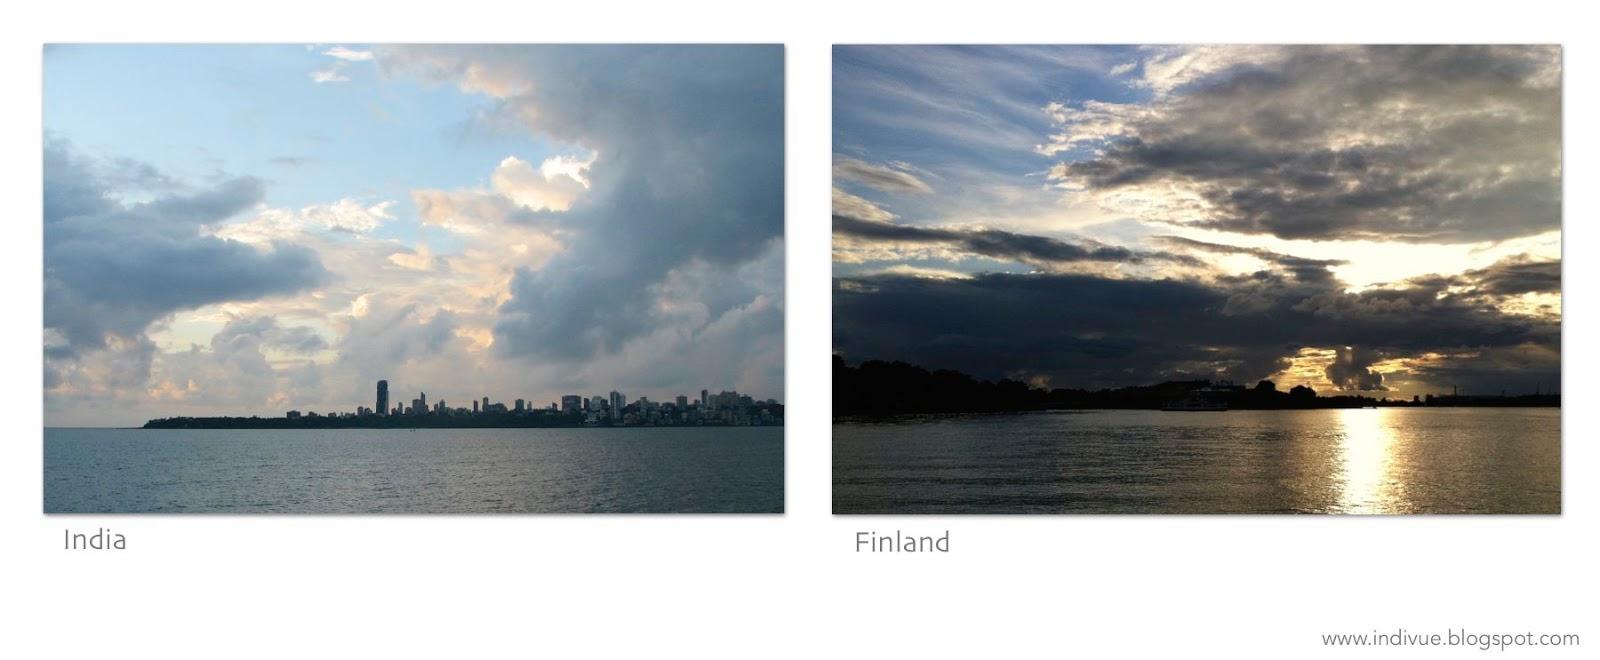 Mumbain siluetti ja Helsingin siluetti kera auringonlaskun